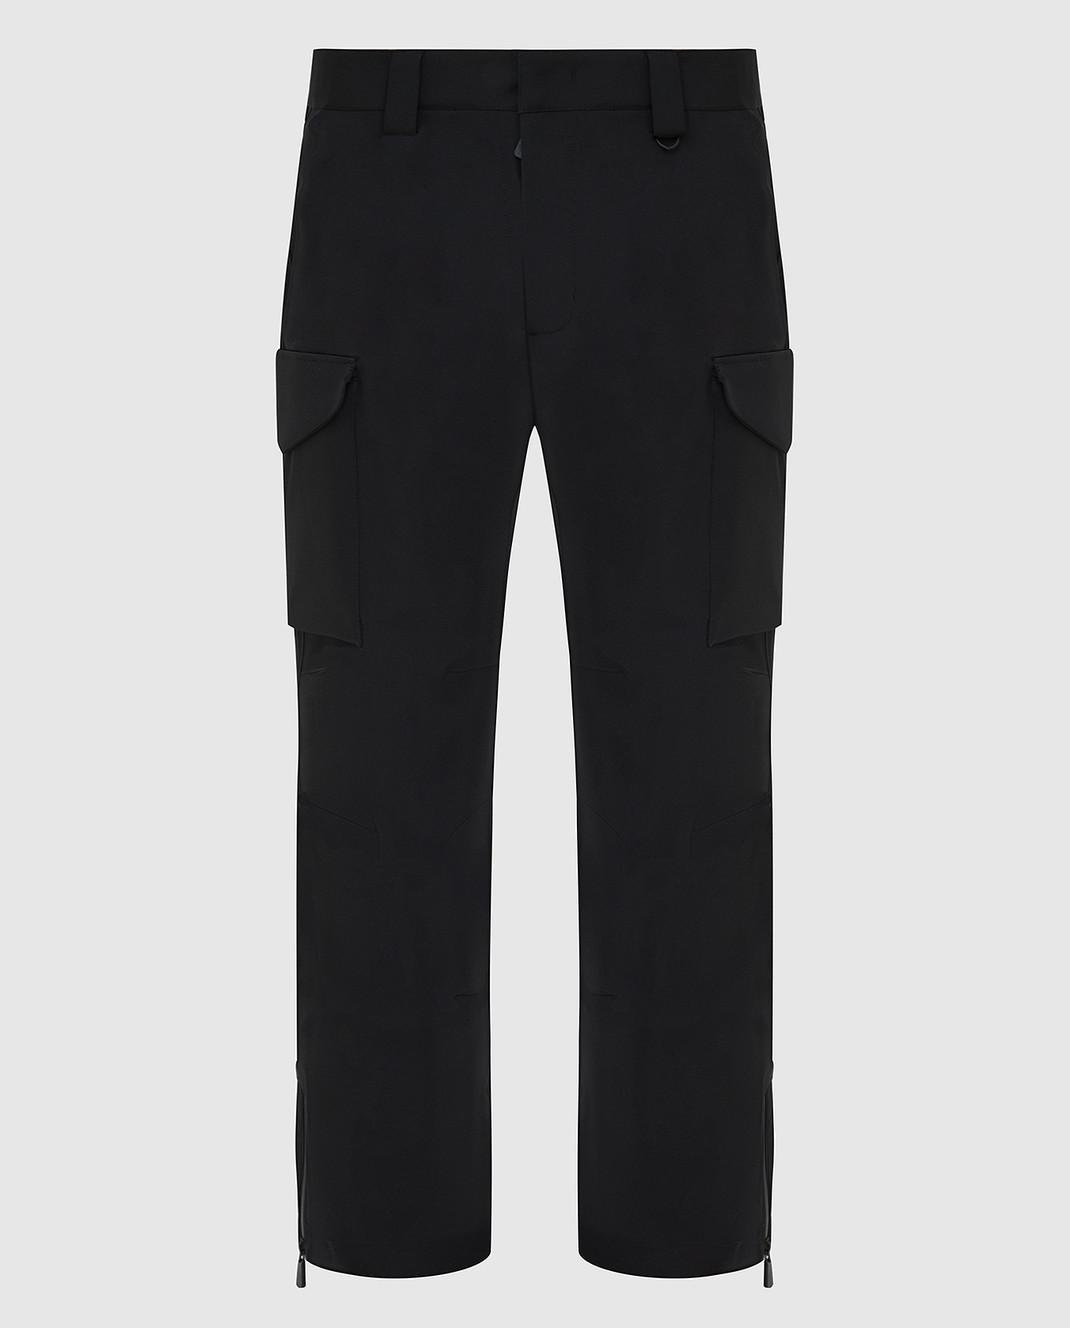 Moncler Grenoble Черные горнолыжные брюки изображение 1